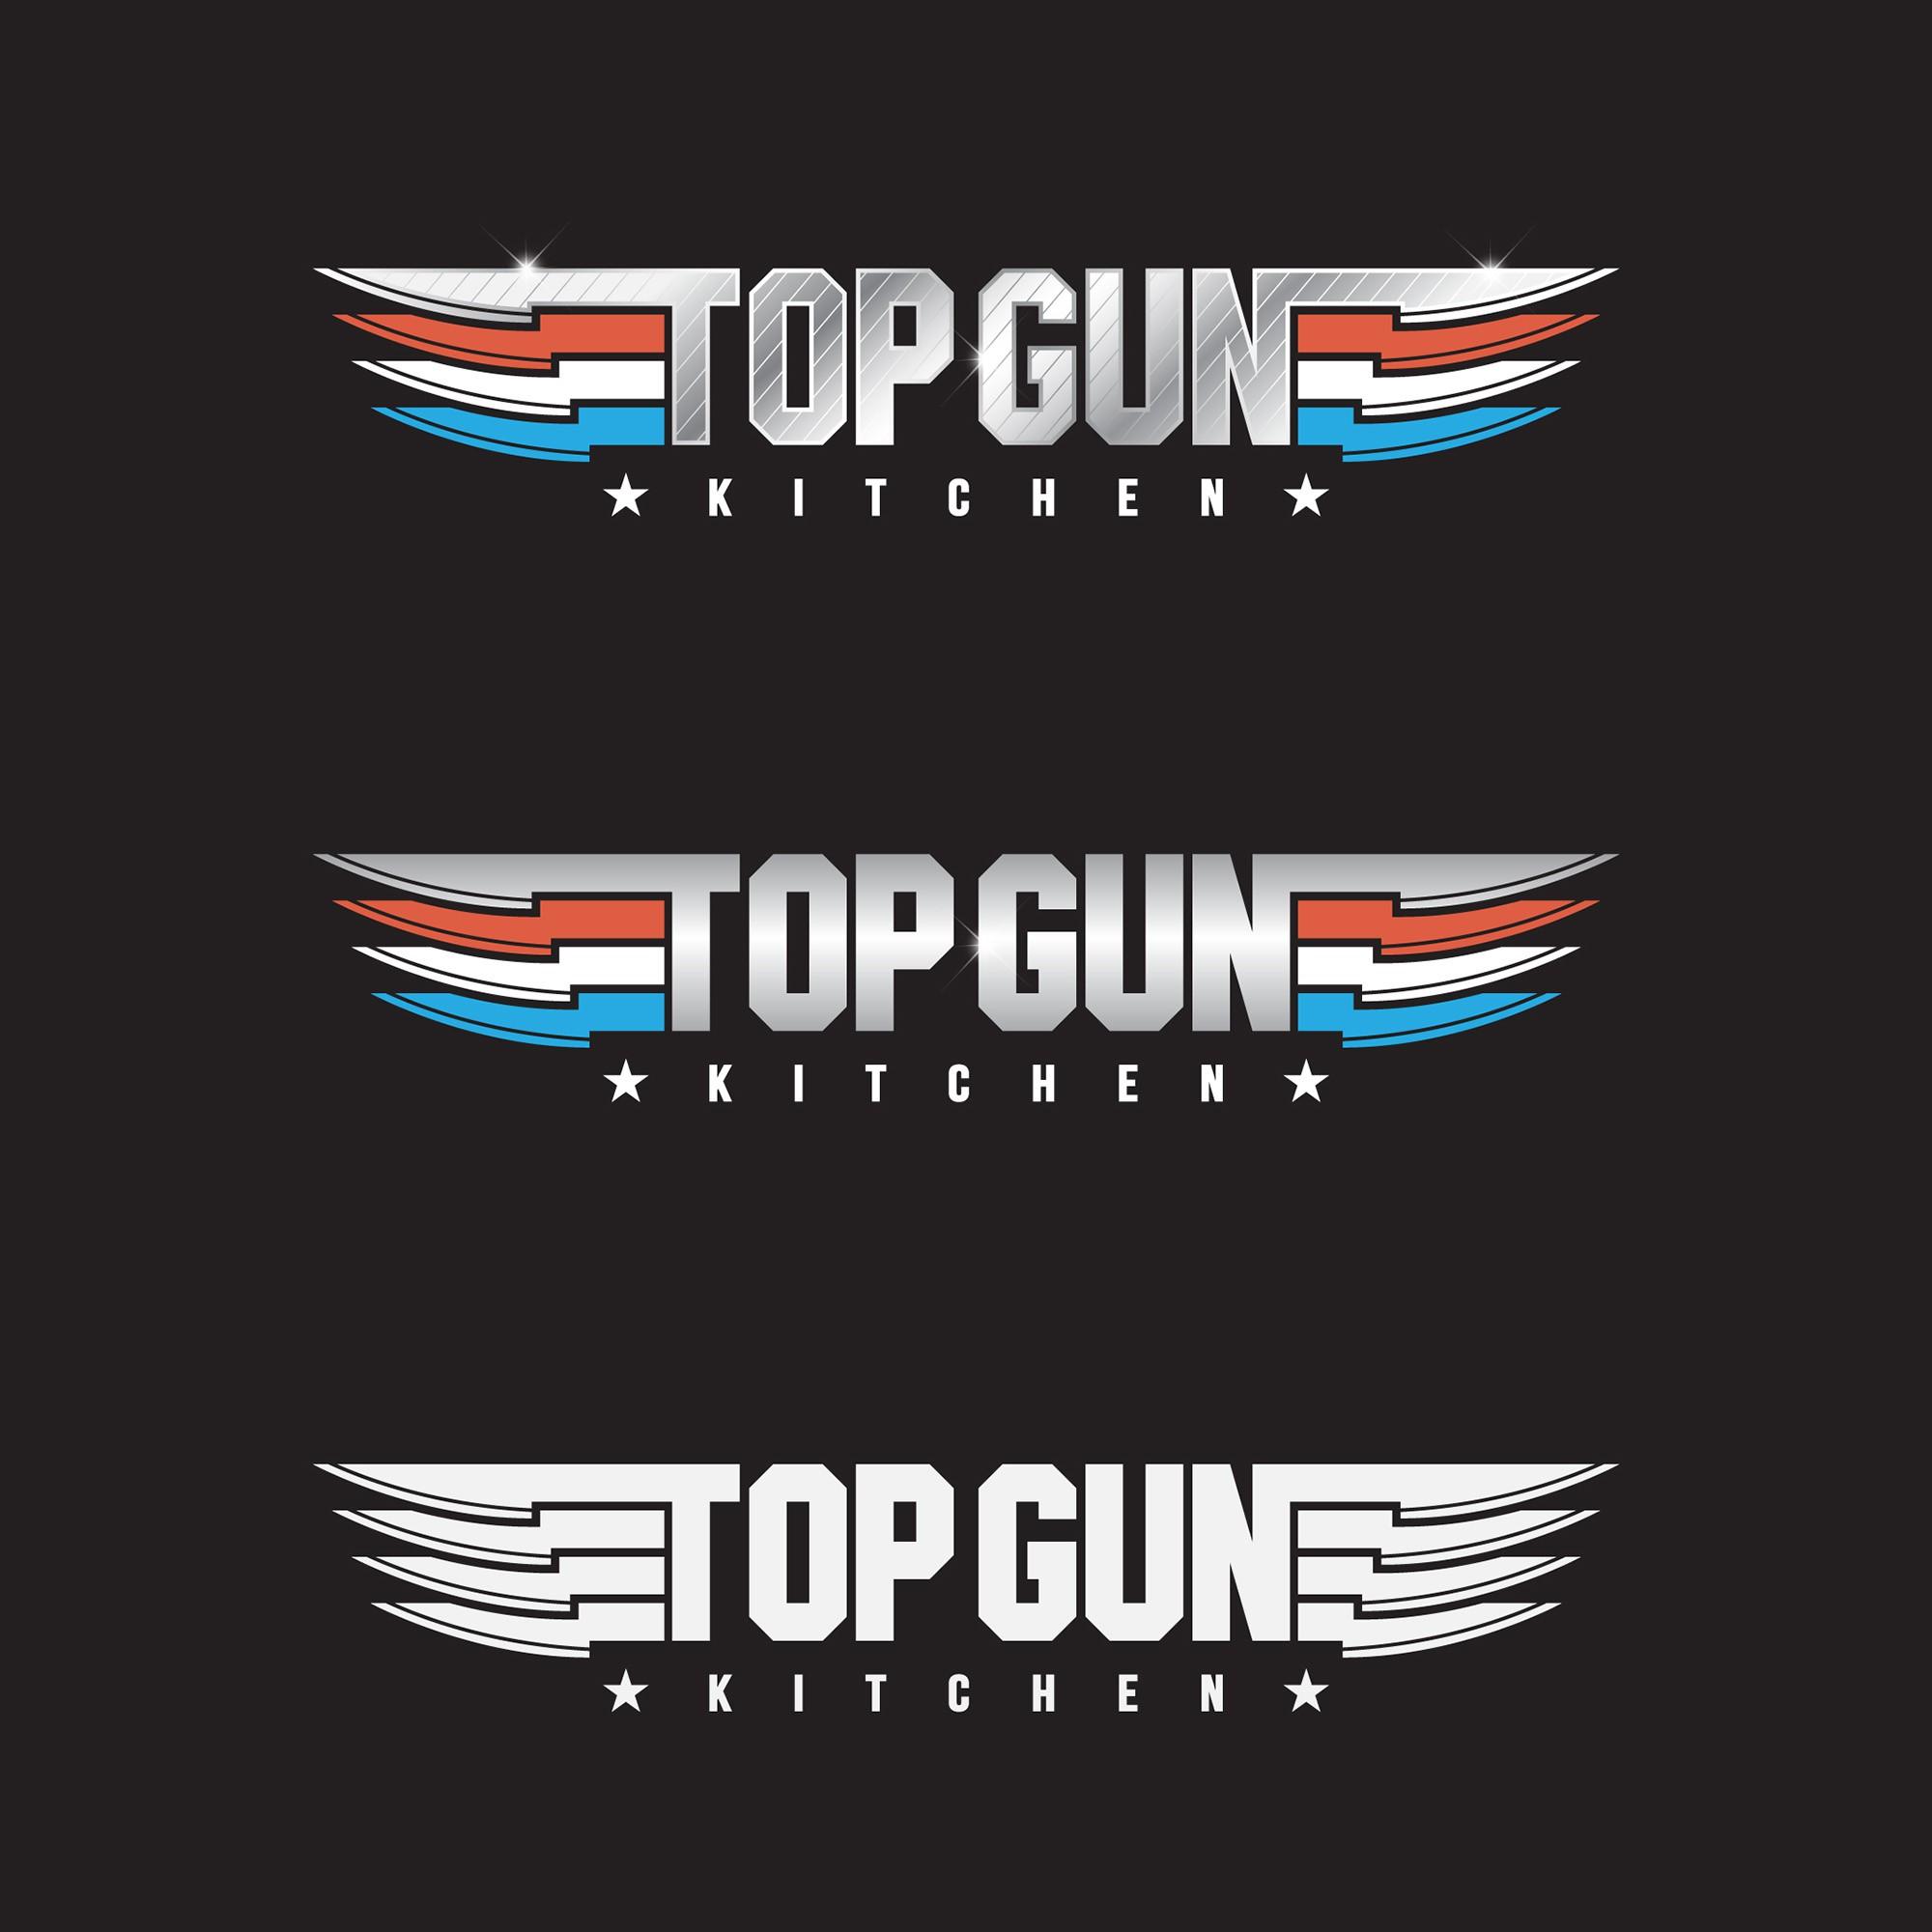 TOP GUN KITCHEN